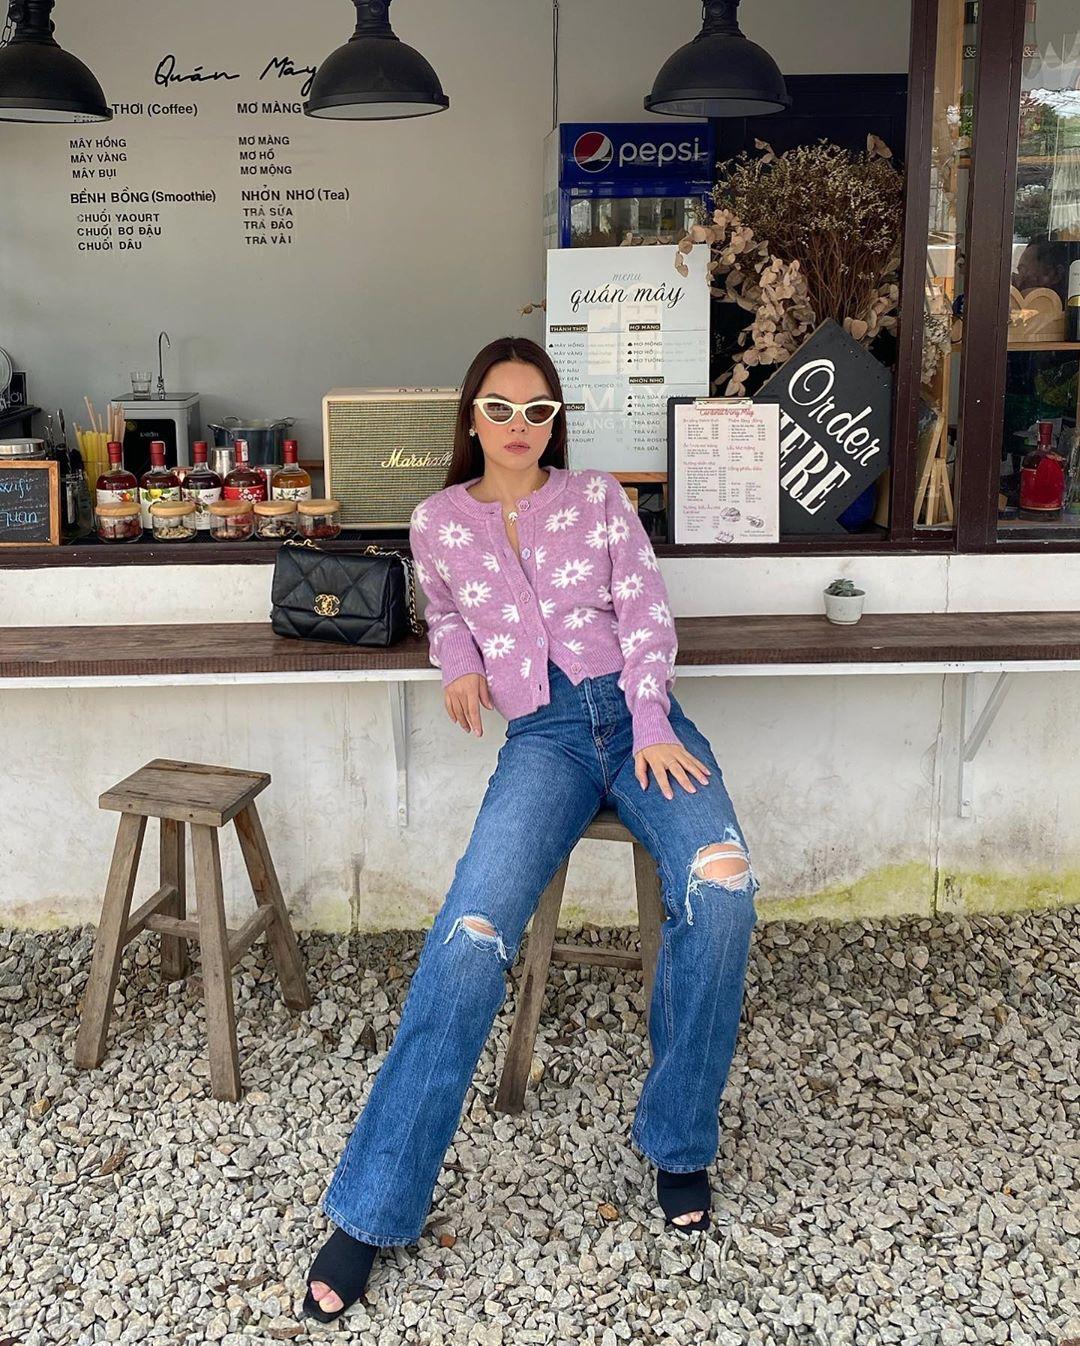 """3 kiểu áo khoác khi trở lạnh được lòng hội chị em tuổi 30+ """"nhà Vbiz"""": Phạm Quỳnh Anh nhìn như idol Kpop, Hà Tăng lại hack tuổi đỉnh cao không thua gái 18 - Ảnh 7."""